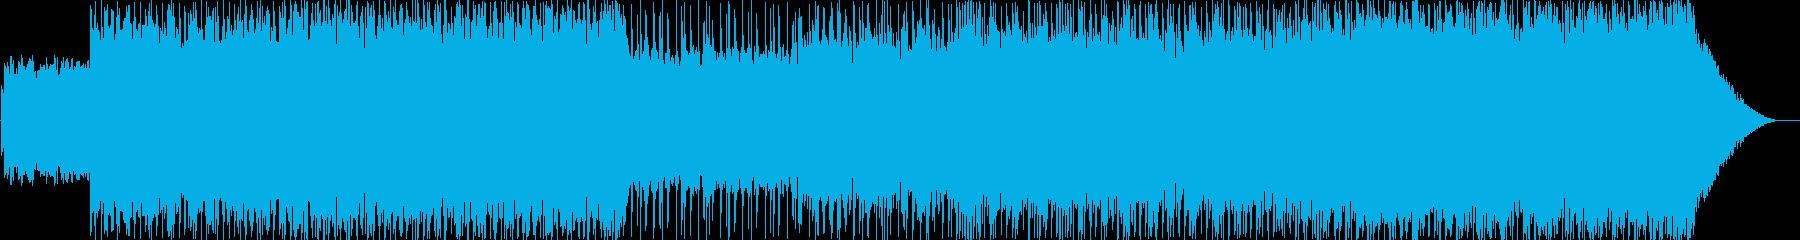 爽やかでカラッとしたアメリカンロックの再生済みの波形